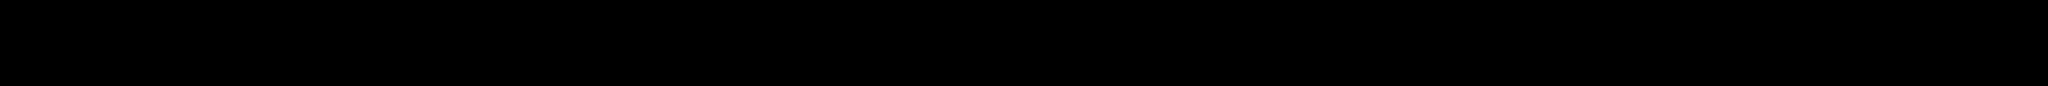 VALEO DBL 7760.51, MS 517-06 BF5-1, MS 517-06 BF5-1, FMVSS116, TL766 - Y Líquido de frenos